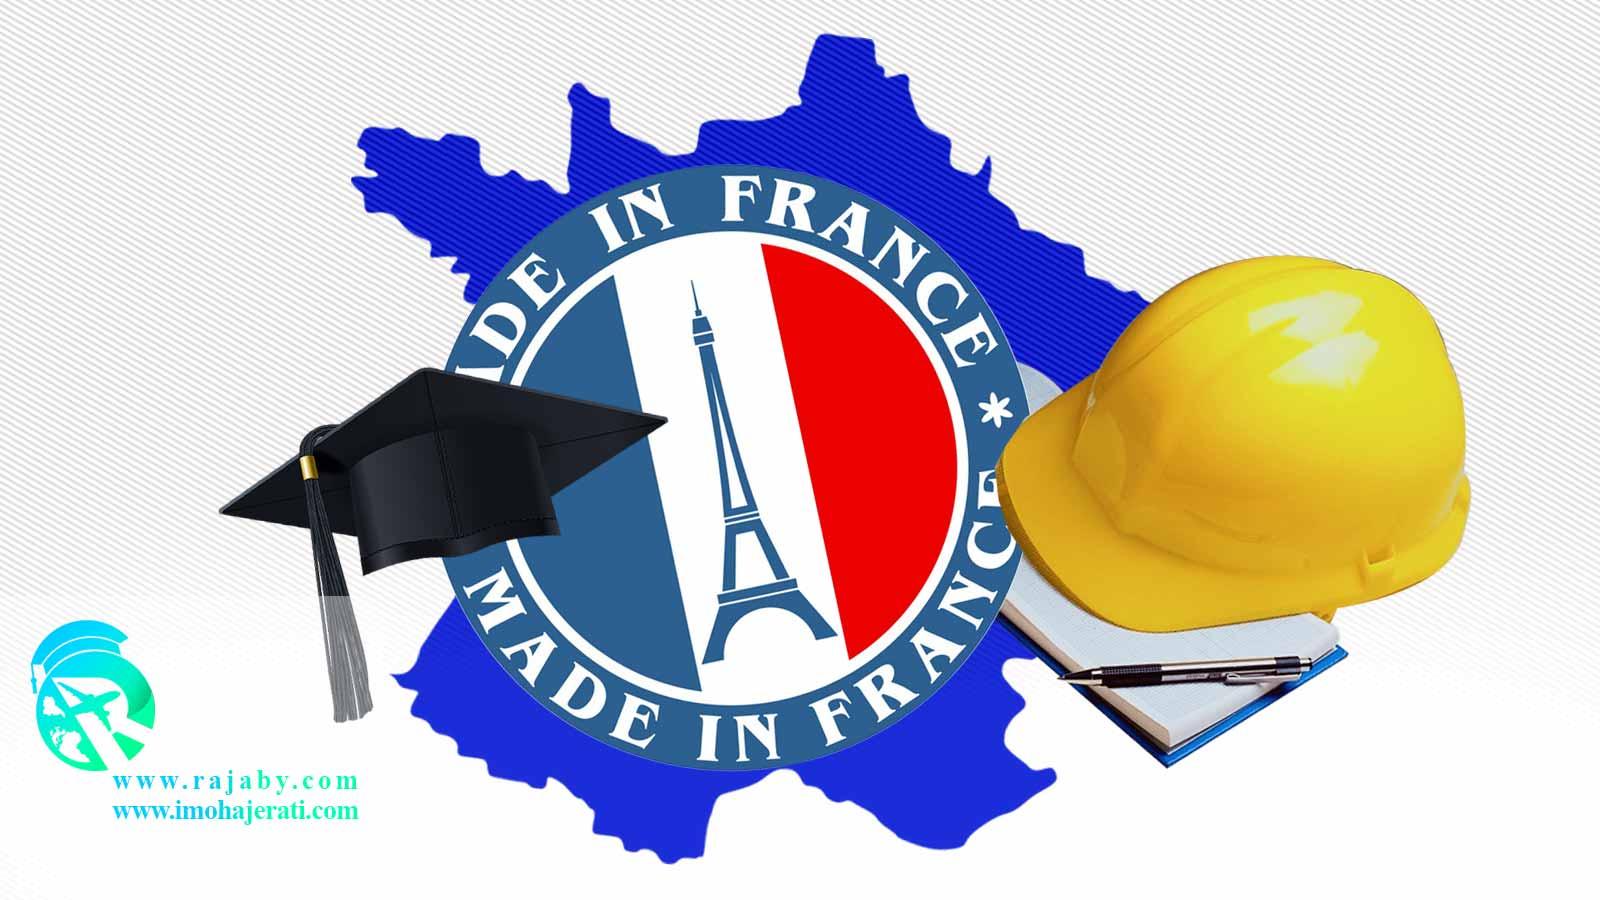 تحصیل رشته های مهندسی در فرانسه